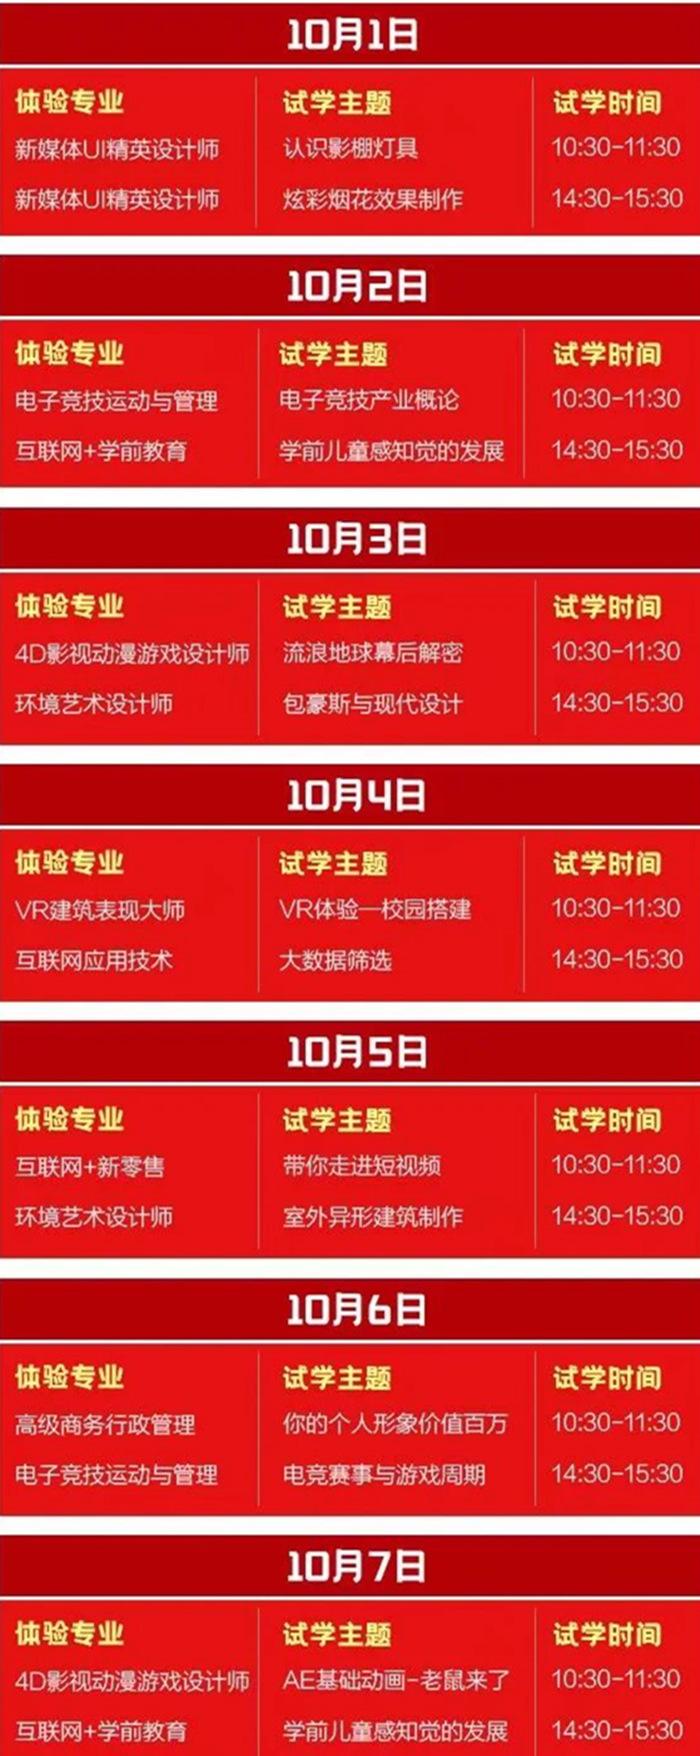 重庆新华国庆体验营 新教育让你拥有新起点!